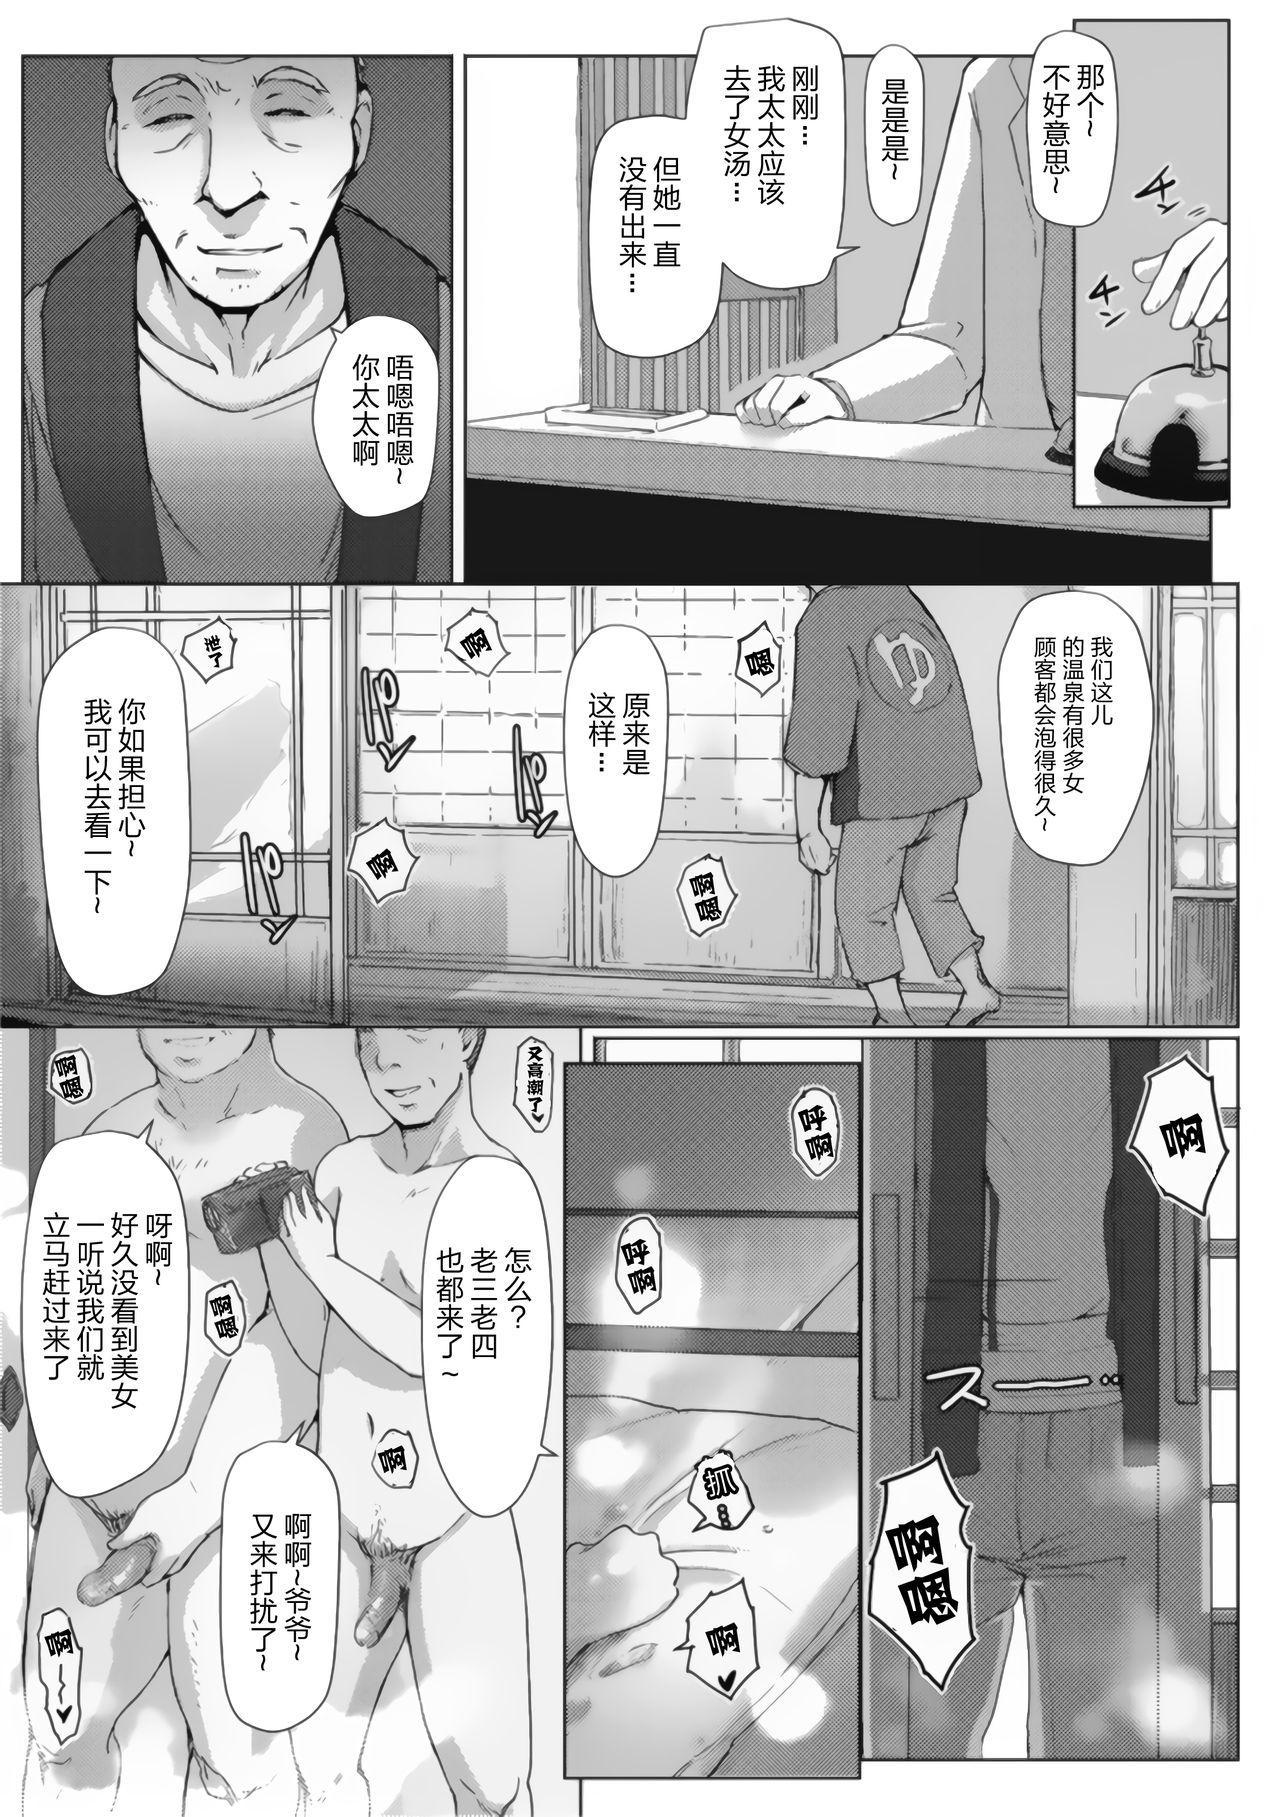 Yue ni Hitozuma wa Netorareta. 110